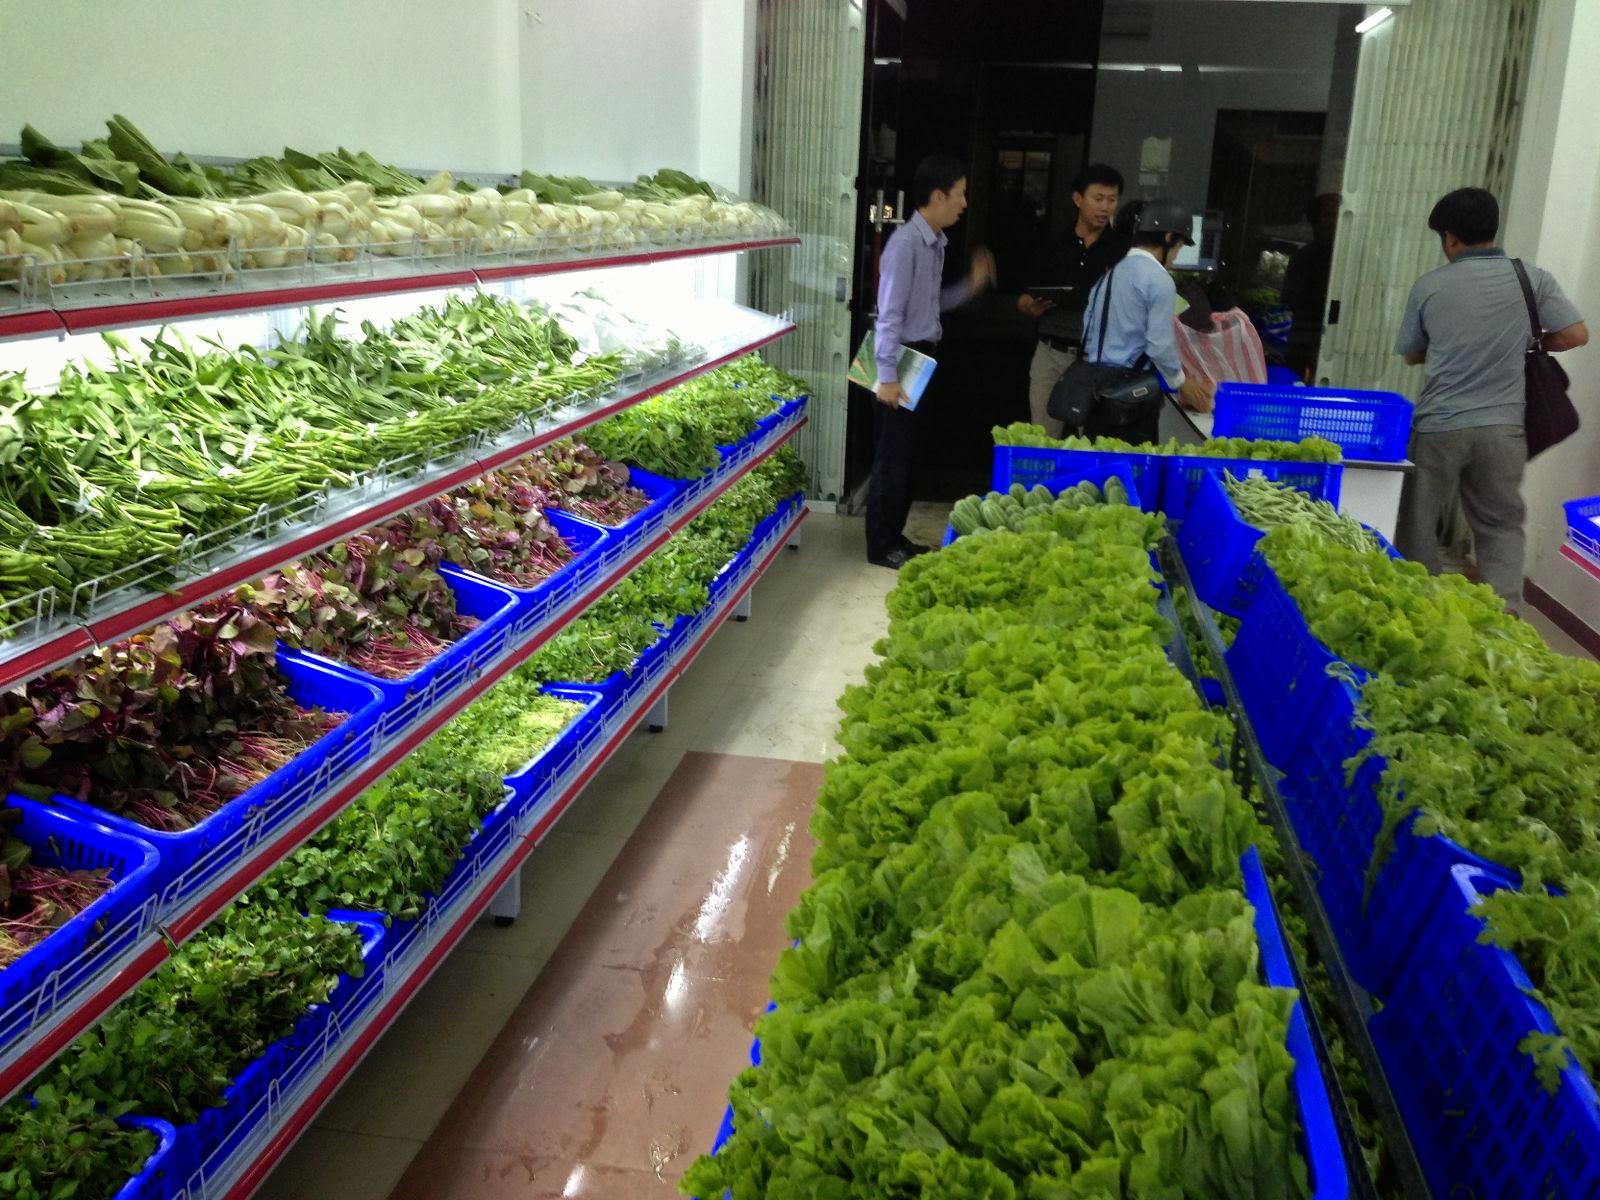 Xin giấy phép vệ sinh an toàn thực phẩm cho cơ sở kinh doanh nông sản